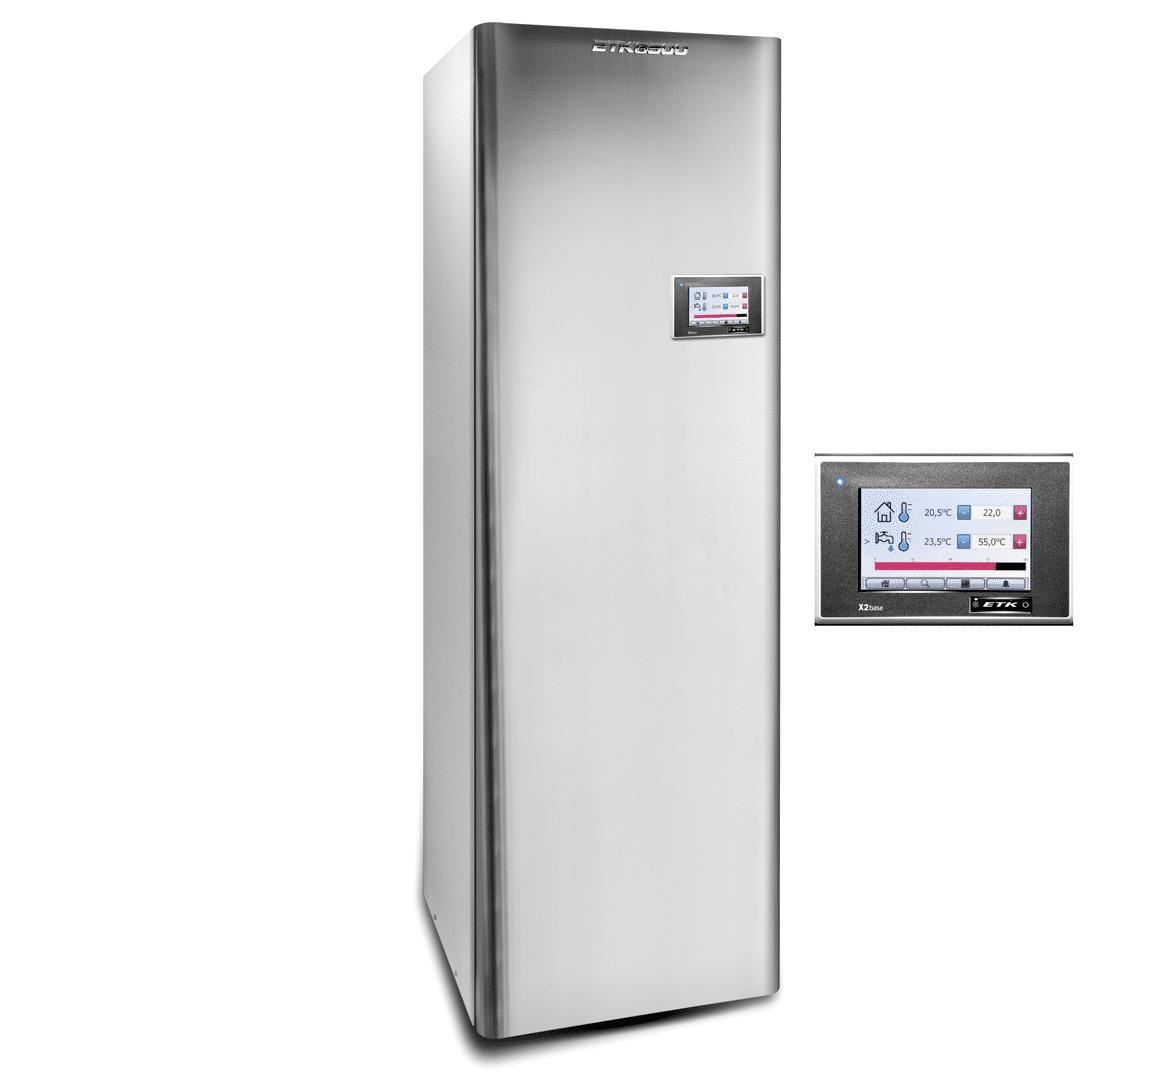 ETK 3,5kW ventilatielucht/water warmtepomp van DHPS